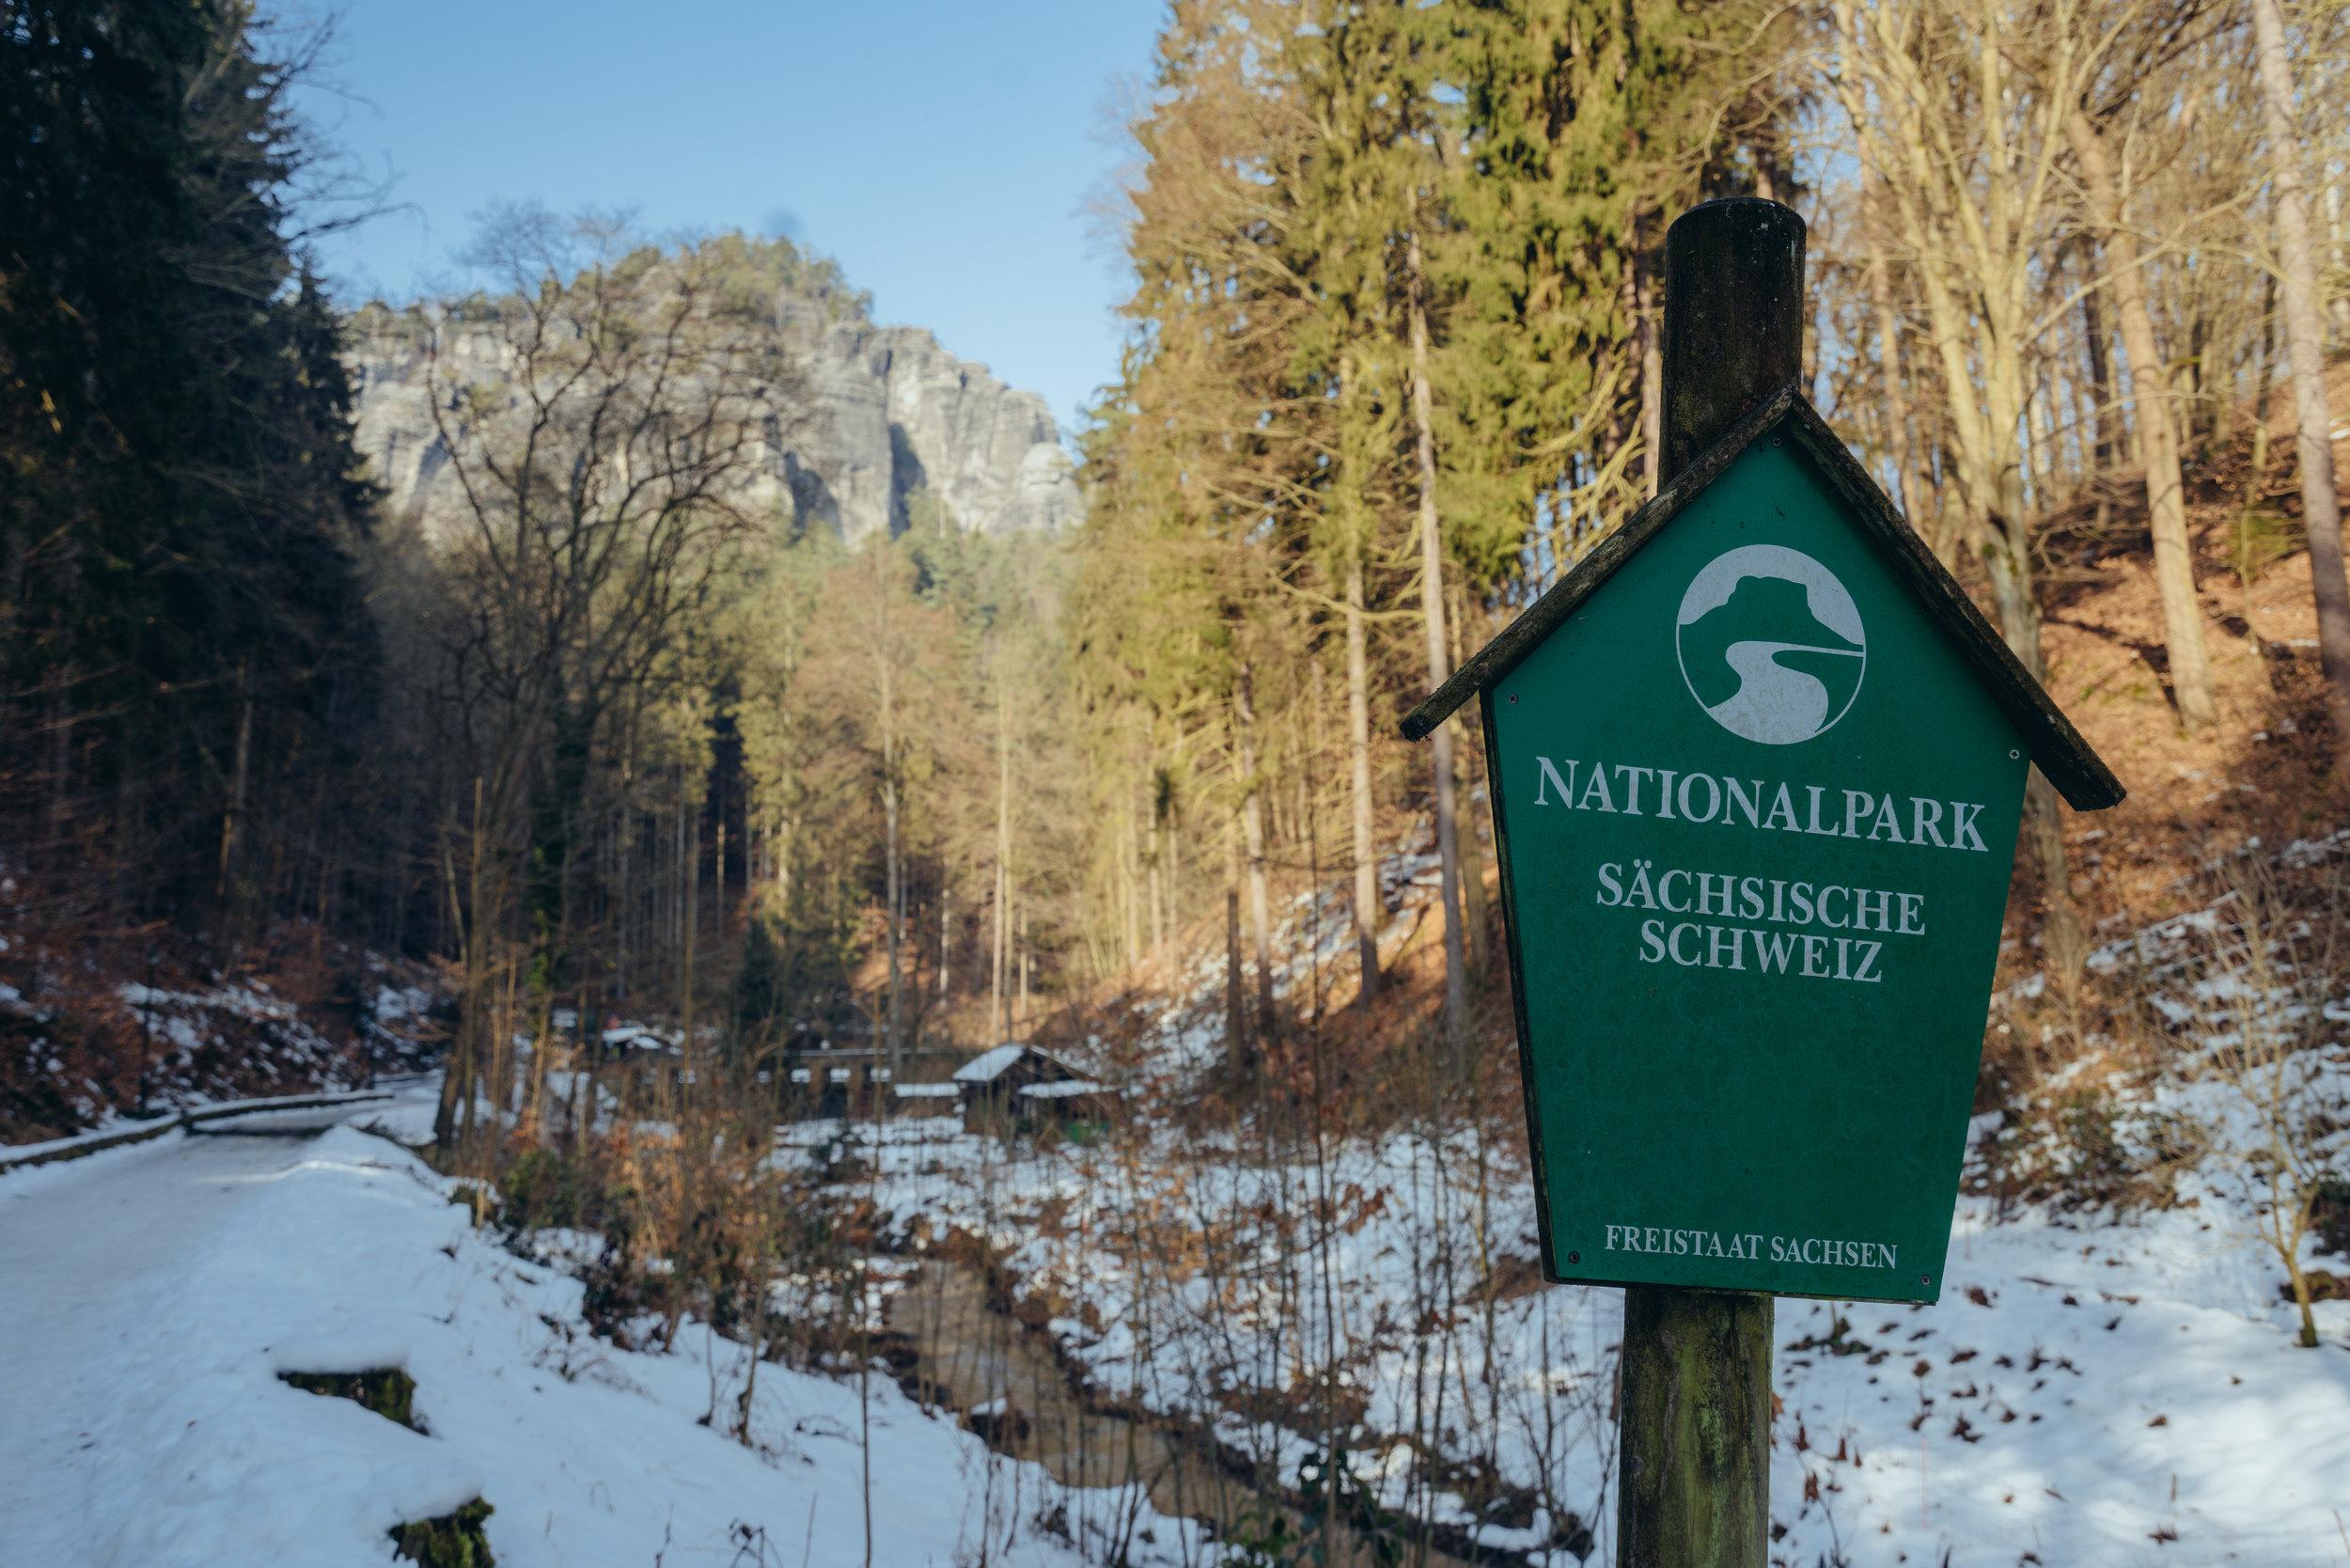 Signage for Saxon Switzerland National Park